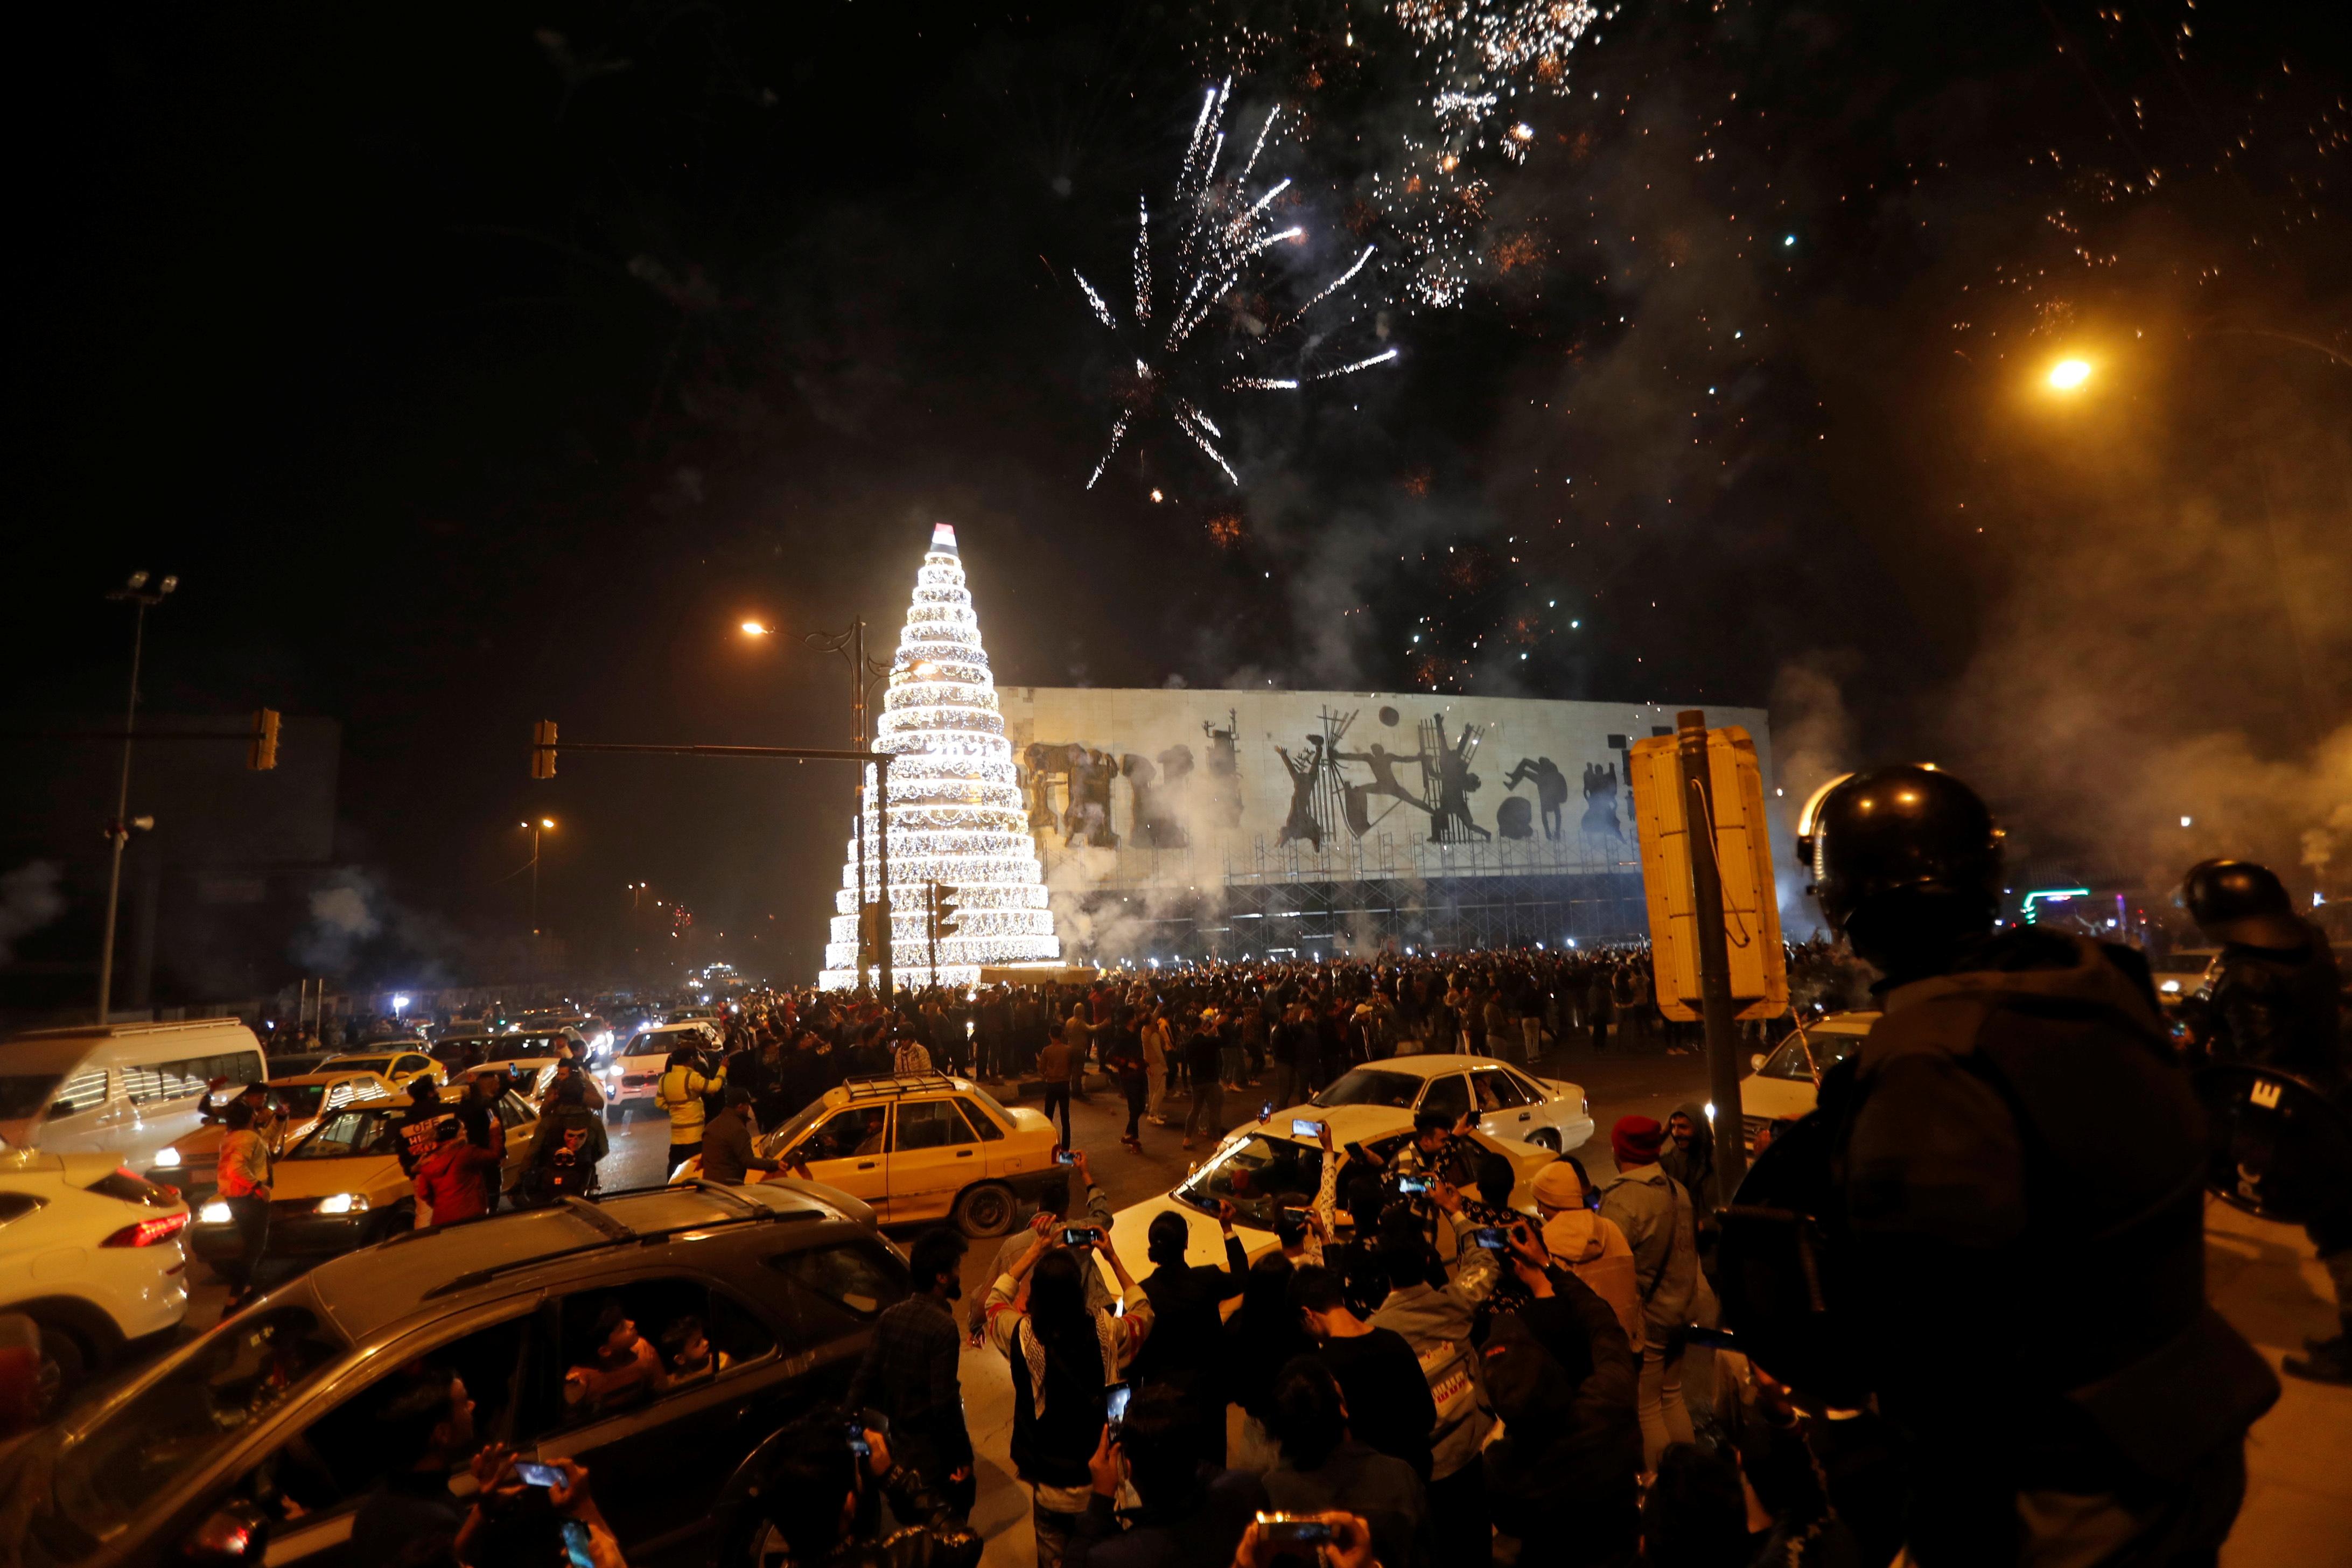 इराक के बगदाद में देर रात लोग सड़कों पर आ गए और आतिशबाजी कर जश्न मनाया।